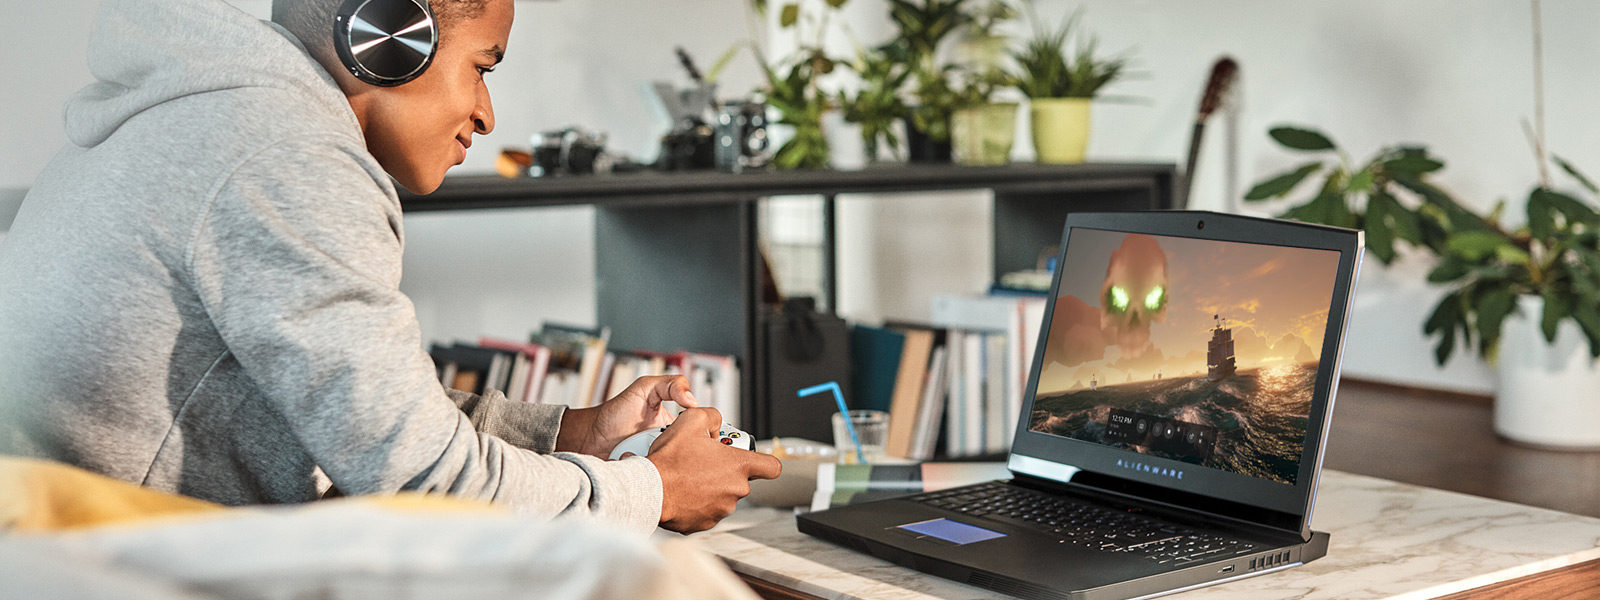 Homem usando fones de ouvido e um controle do Xbox para jogar Sea of Thieves em um laptop de jogos com Windows 10